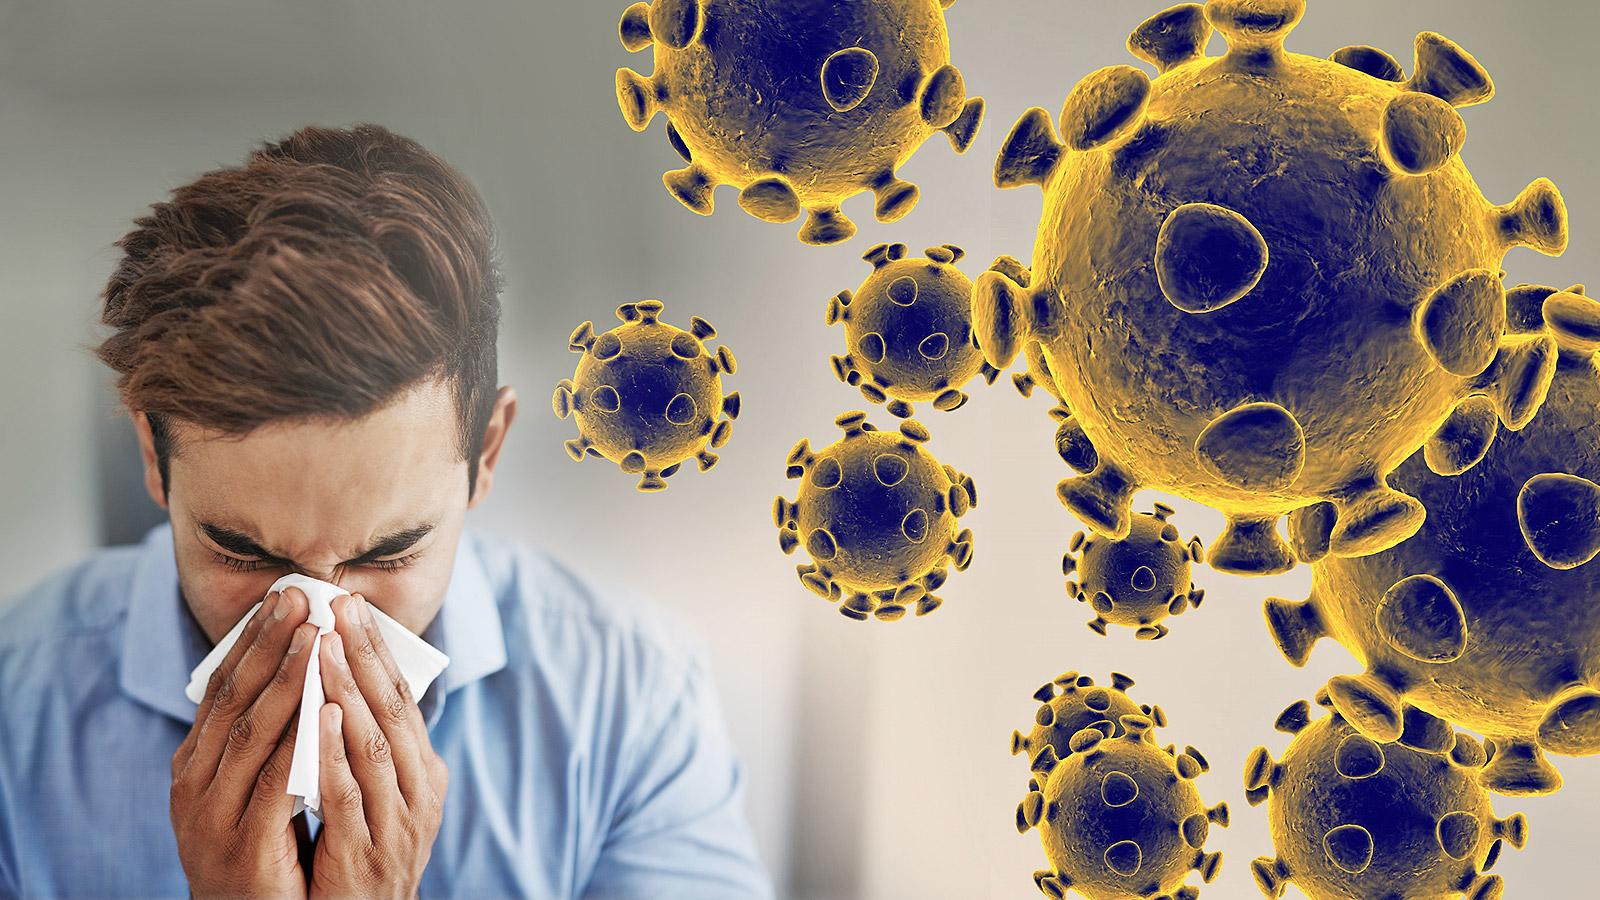 علامات تؤكد إصابتك بـ فيروس كورونا المُستجد قبل الفحص والتحليل